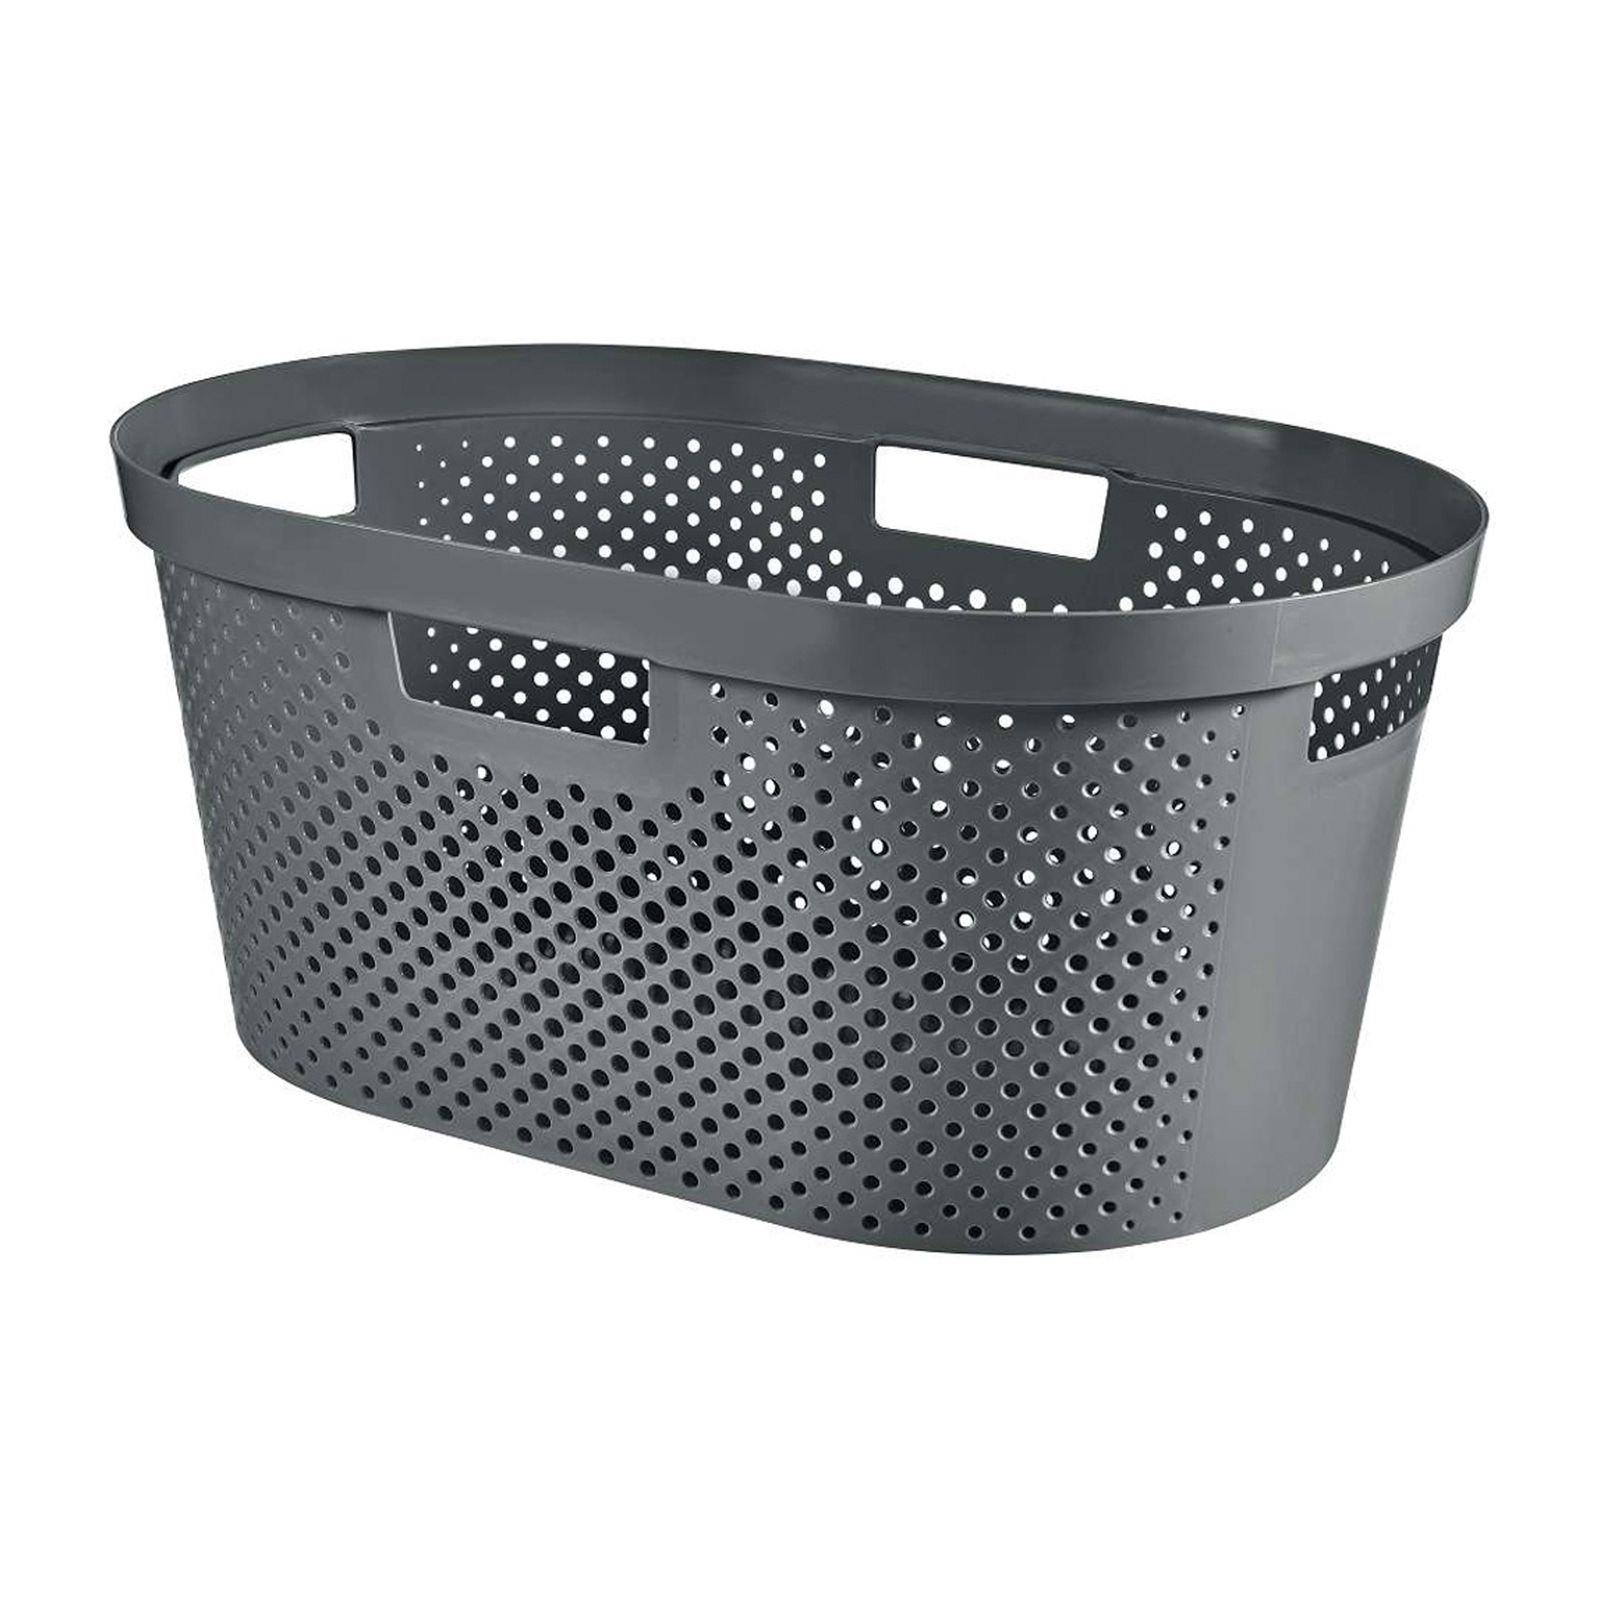 Kosz do magla Infinity 100% Recykling Eko 40 L szary CURVER